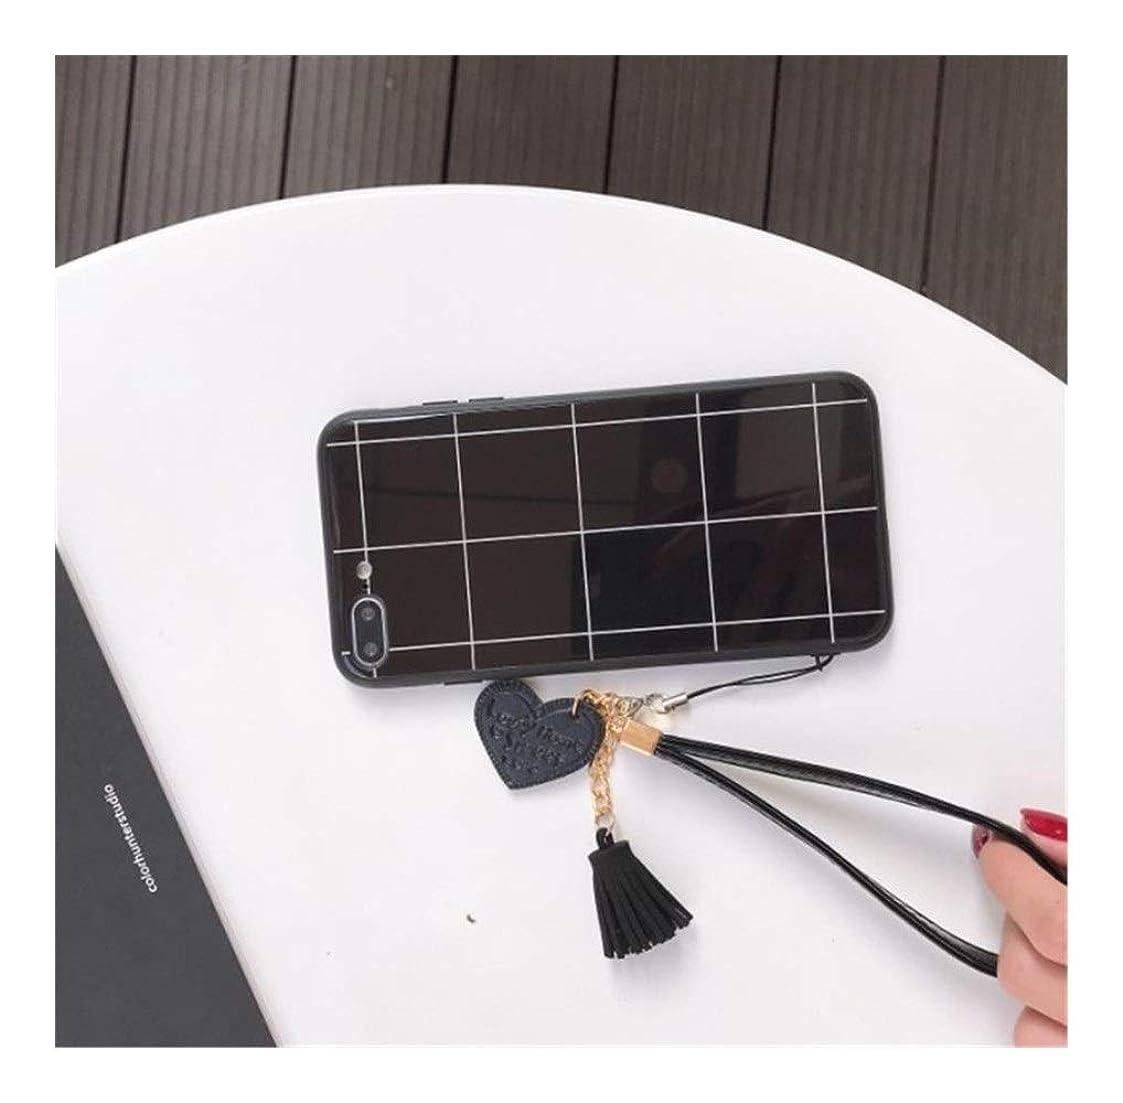 入るボア灌漑CHINOU スマホケース 携帯ケース for IphoneXS MAS/X/XS/8/7/8P/7P/6/6S かわいい 軽量 保護ケース 携帯アクセサリー カバー (Color : 1, Size : Iphone6/6S)